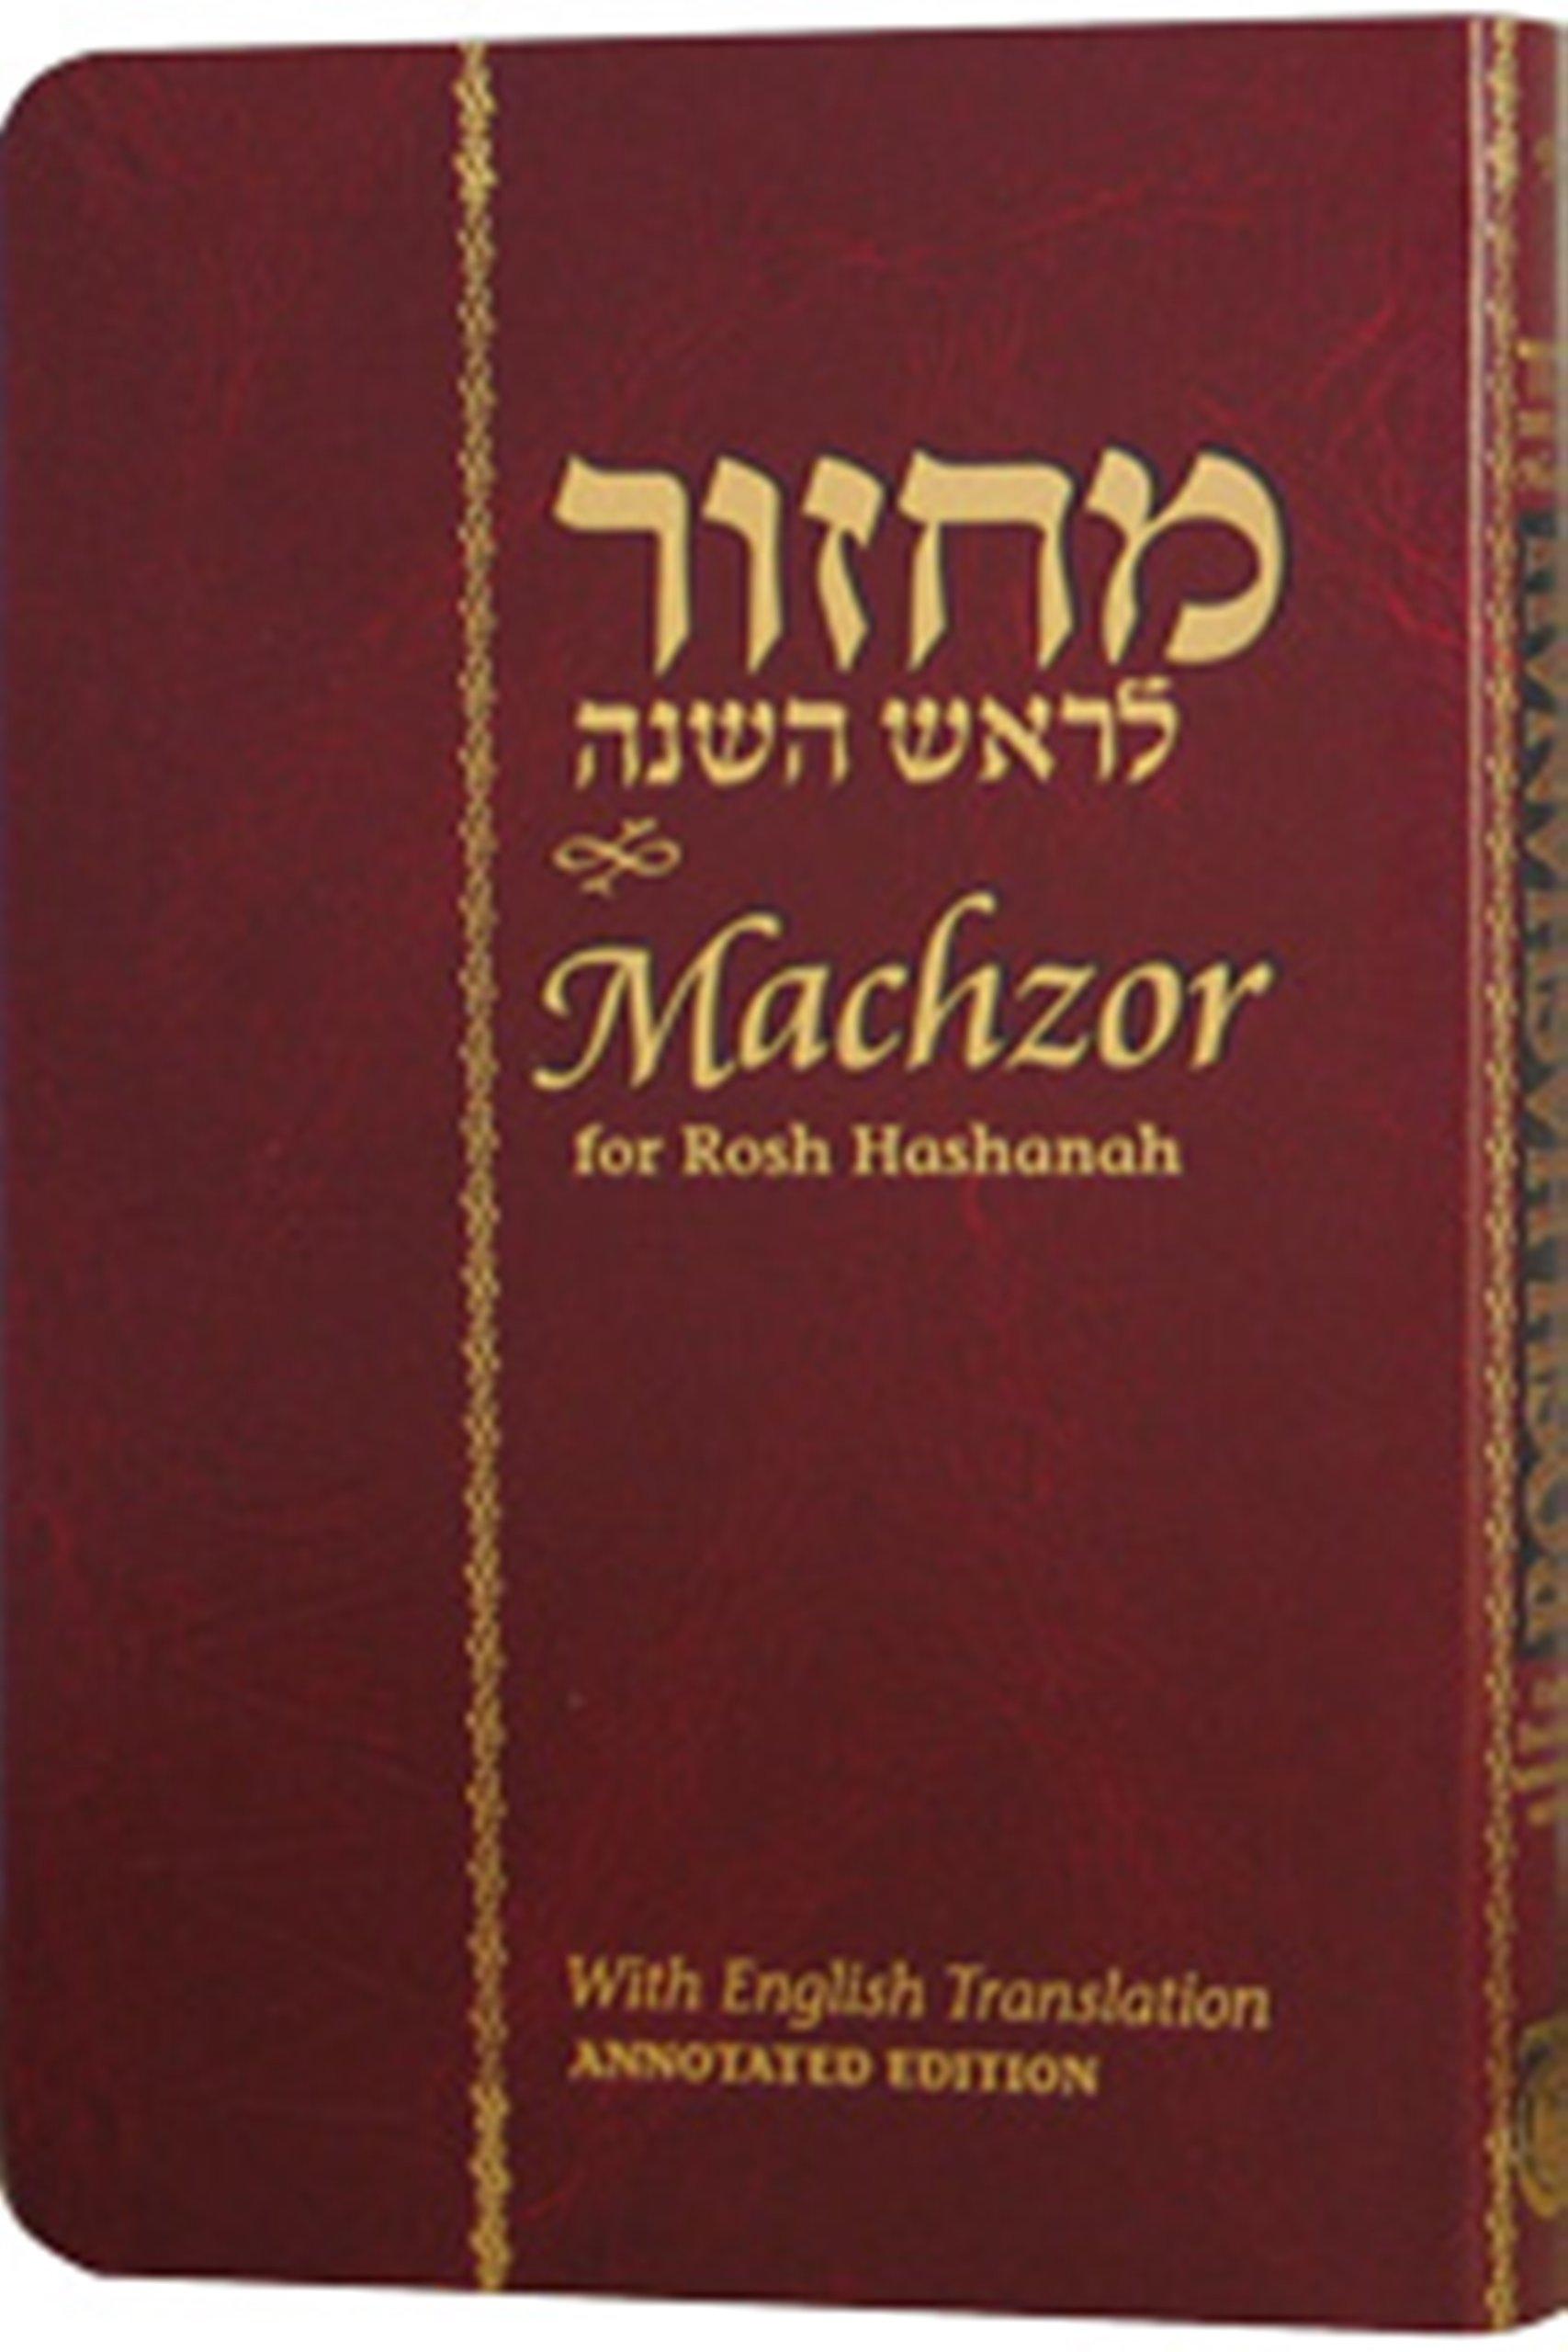 Machzor Rosh HaShanah - Compact Annotated Edition 4x6